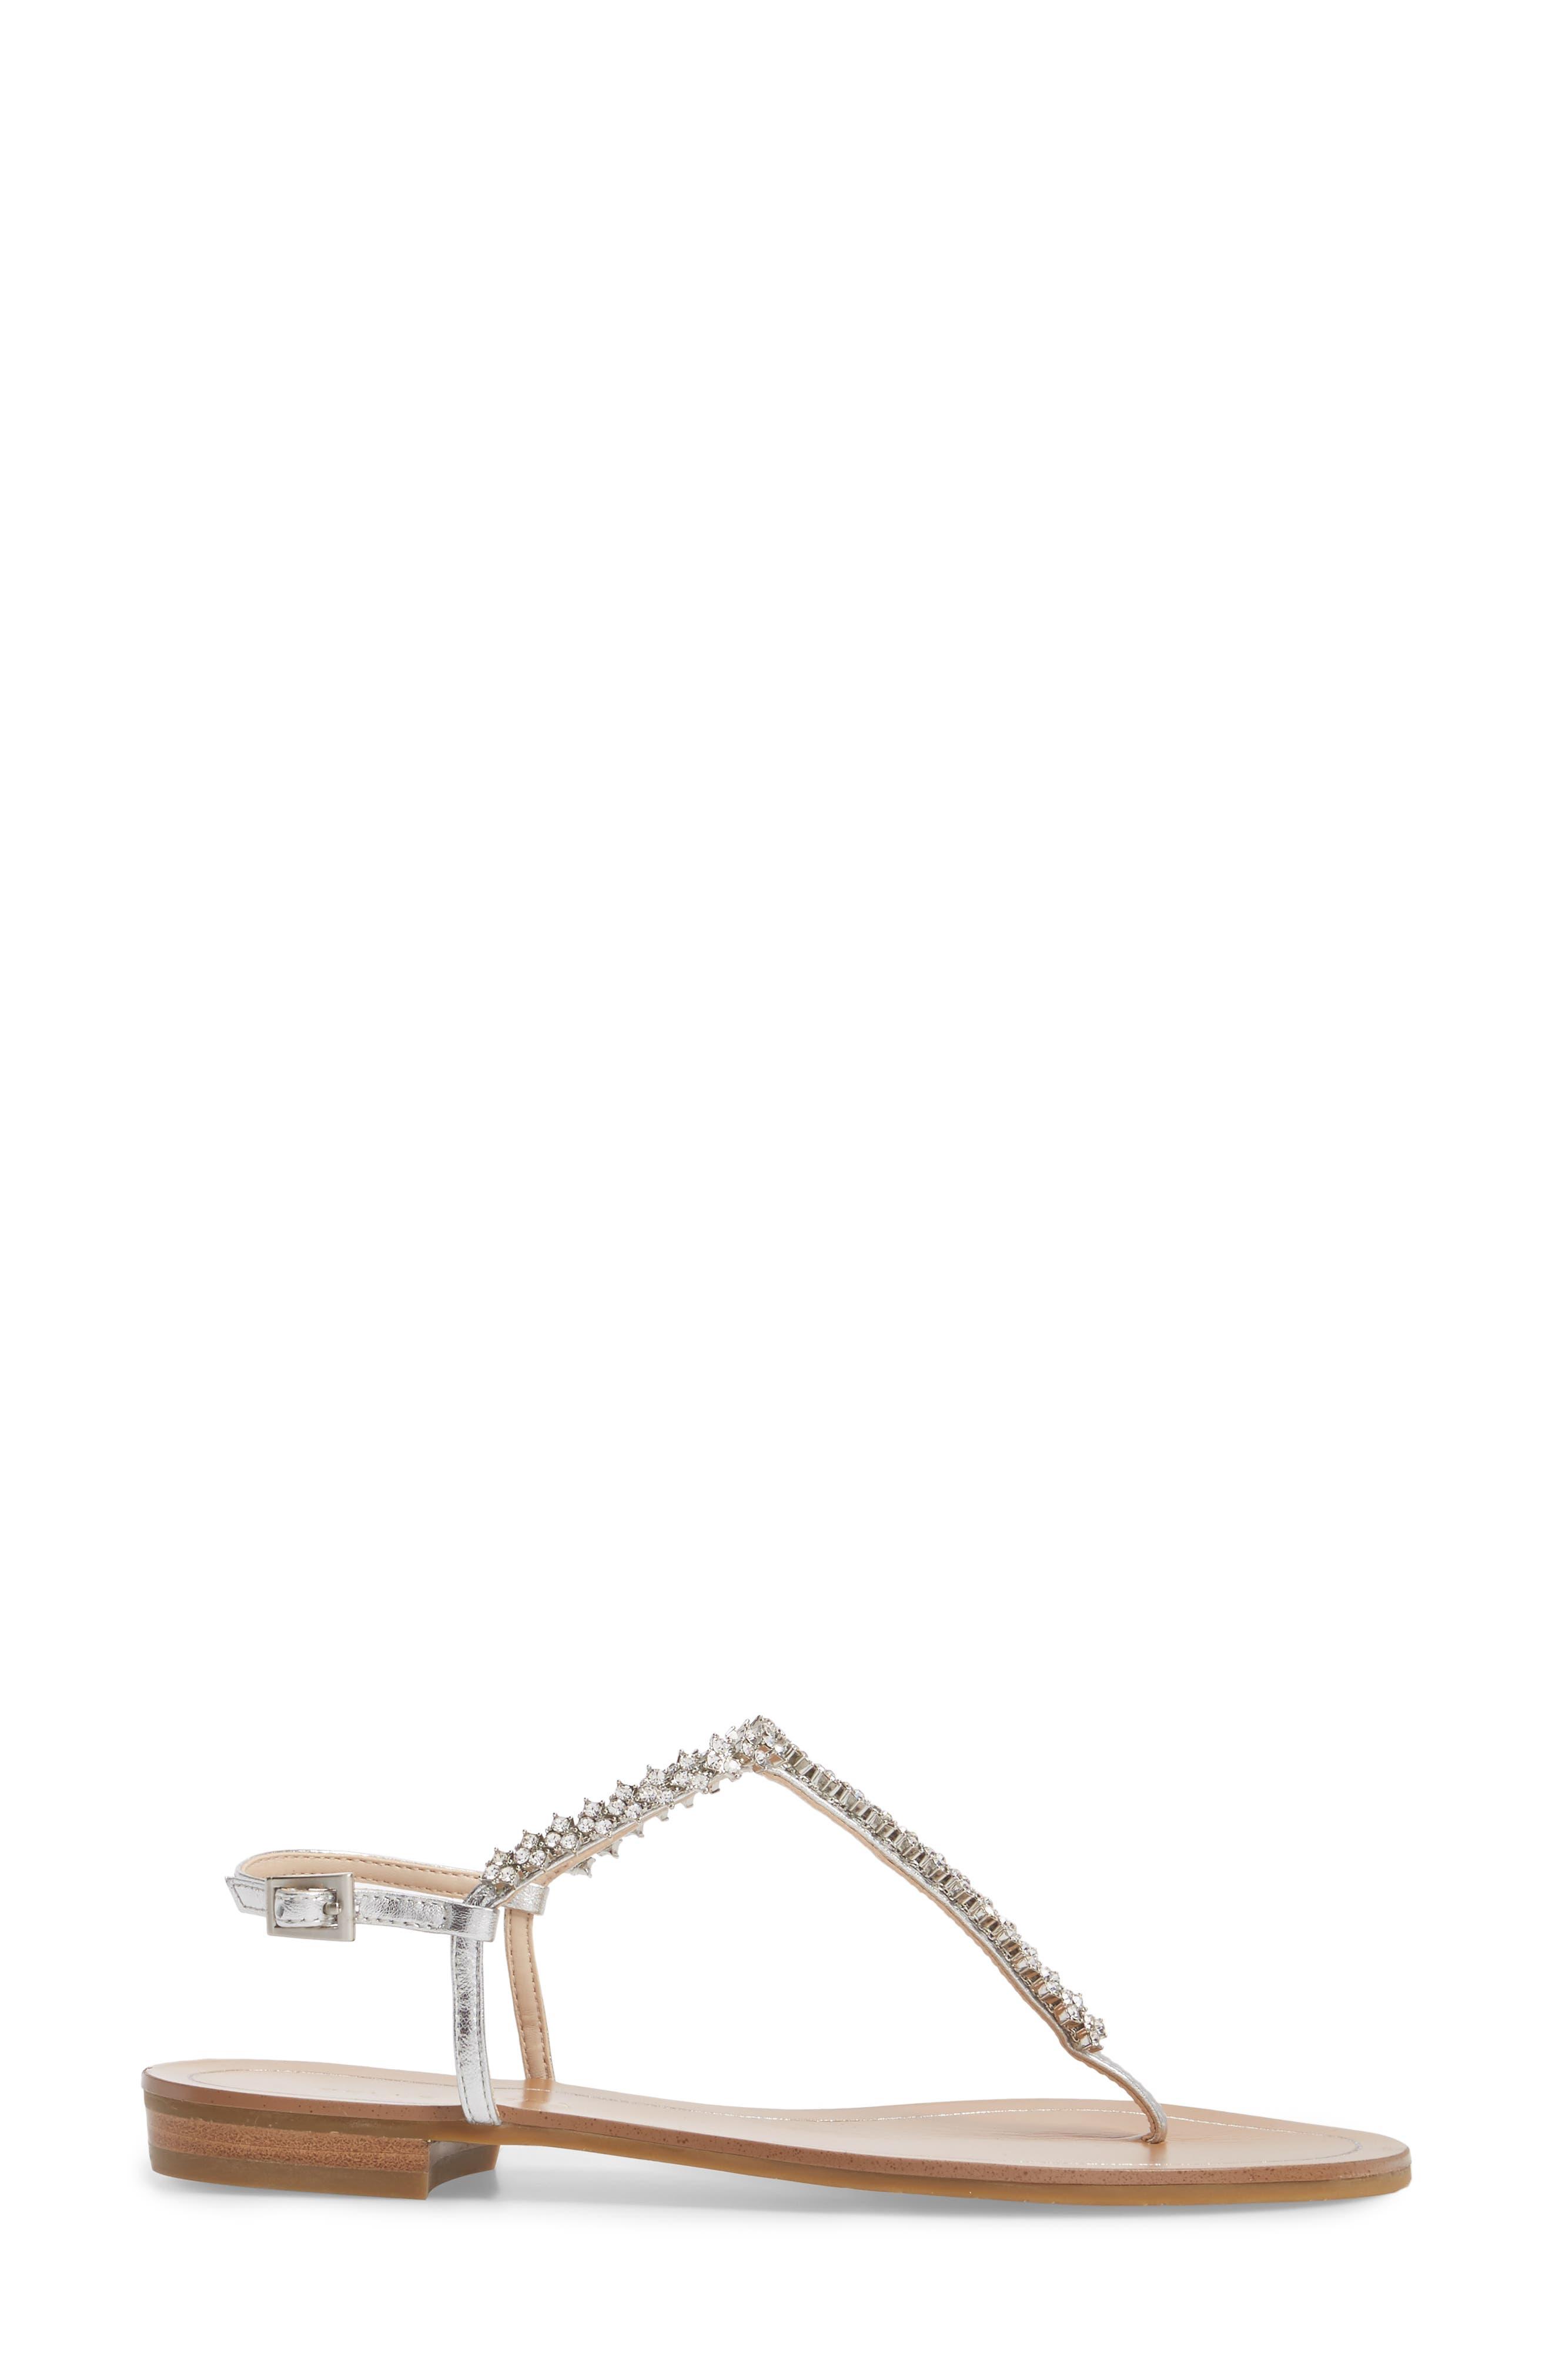 Alternate Image 3  - Pelle Moda Baxley 4 Sandal (Women)